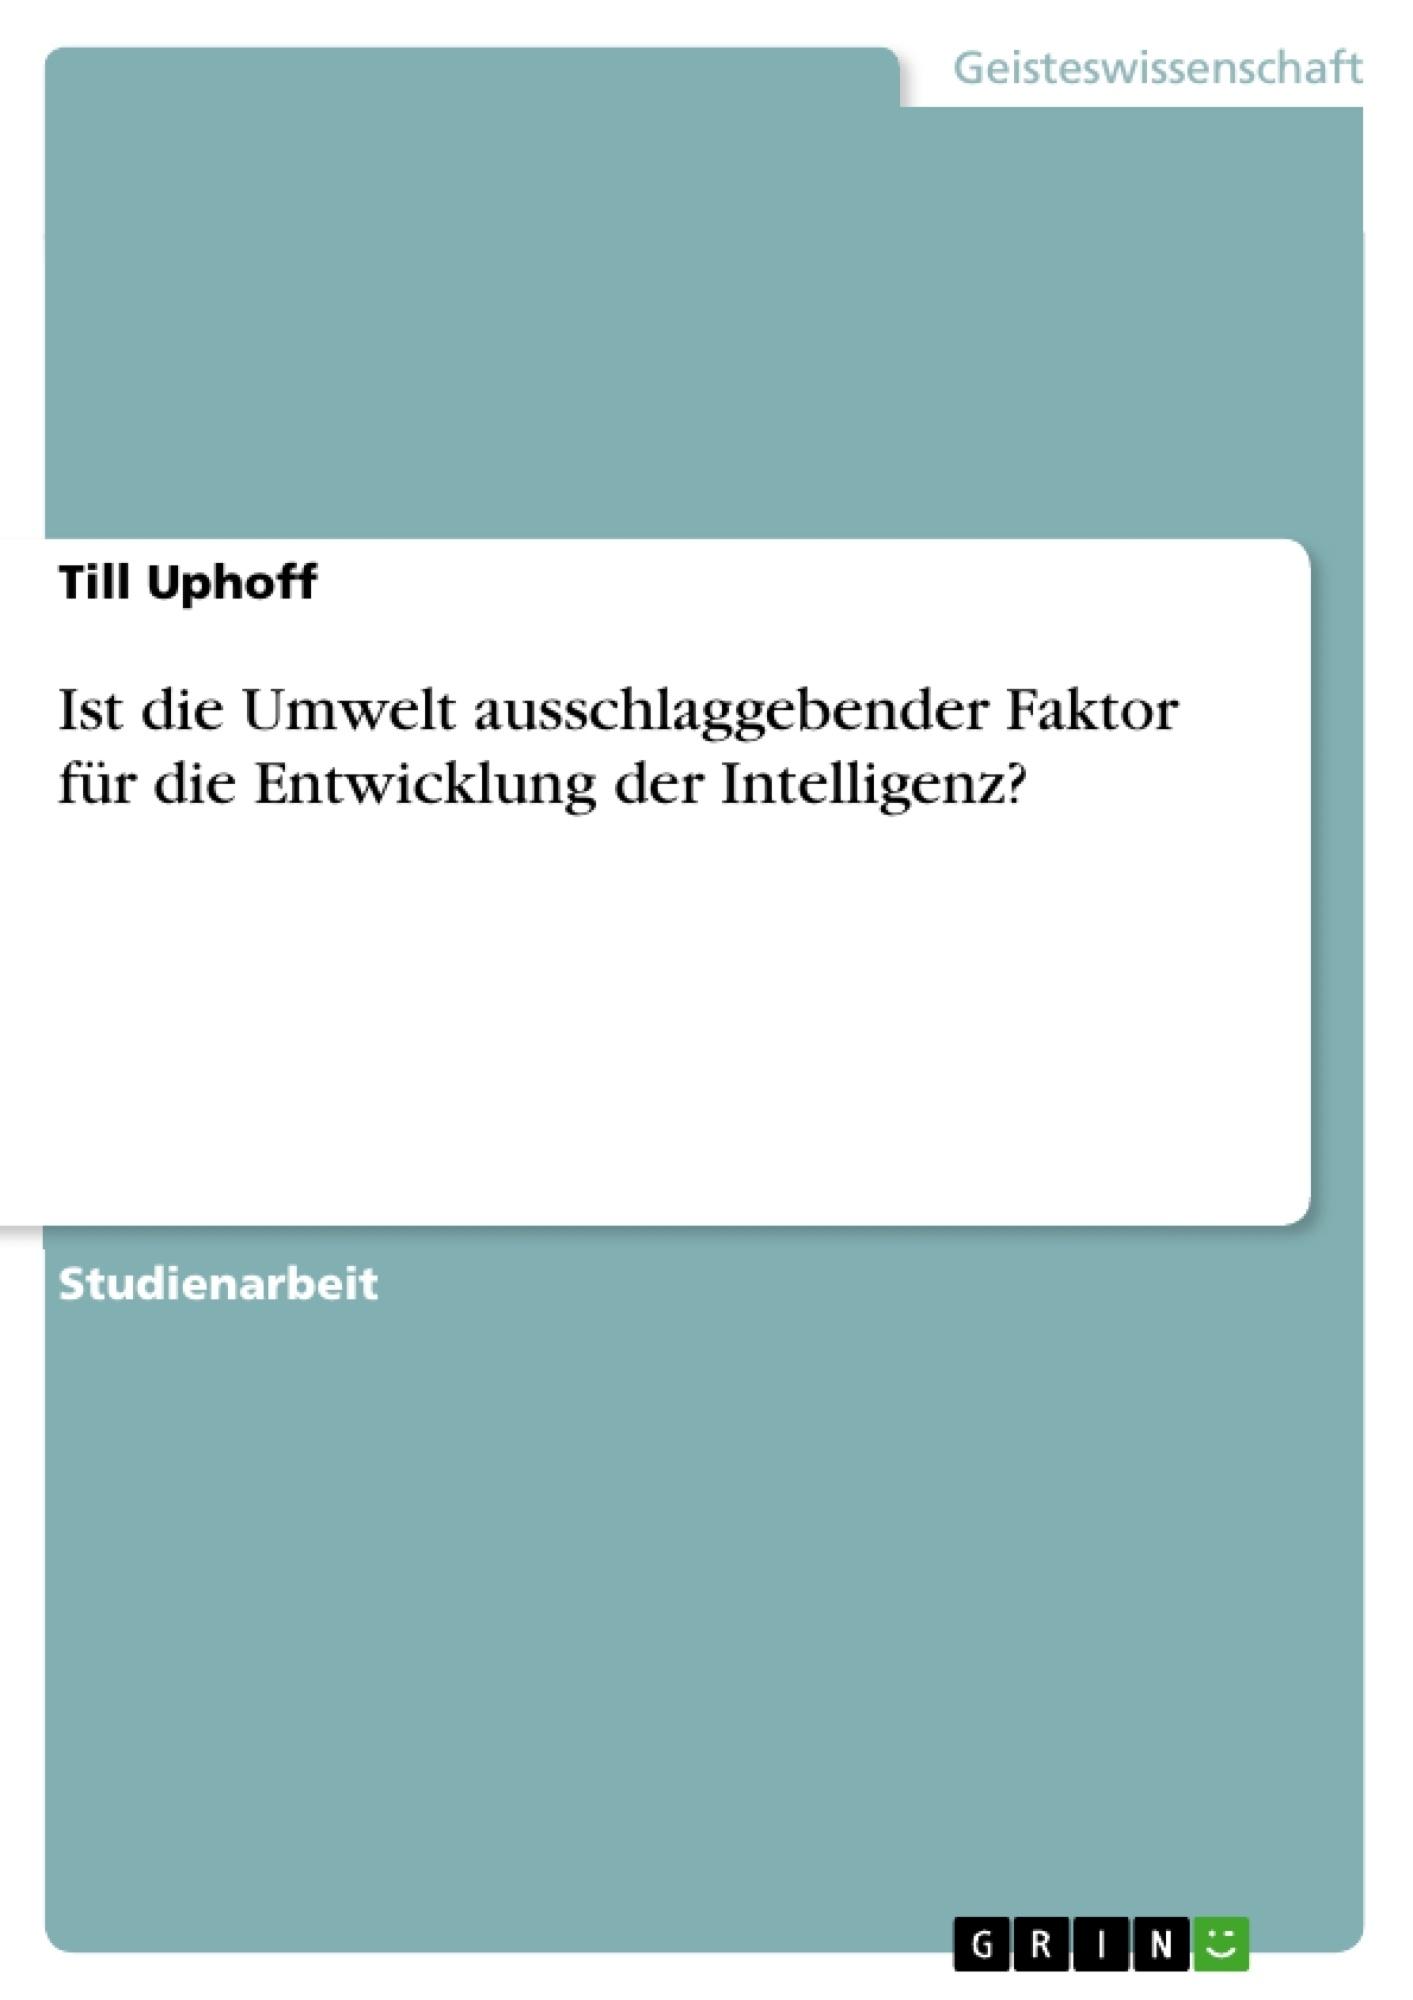 Titel: Ist die Umwelt ausschlaggebender Faktor für die Entwicklung der Intelligenz?